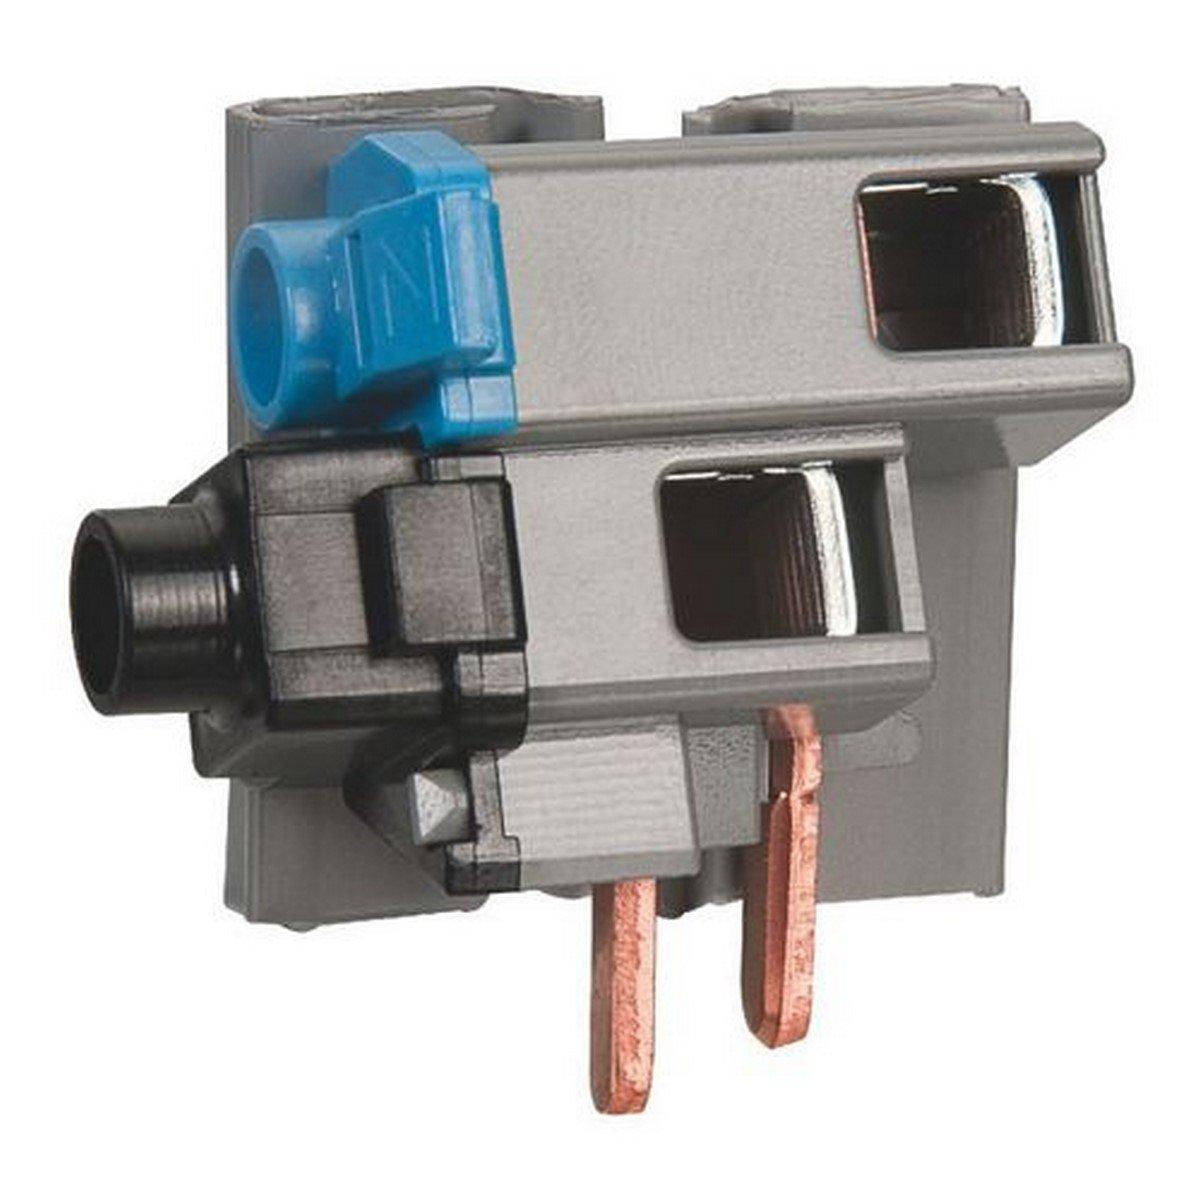 Pk3 Starter Interrupteur Fluorescent 4-80 W Universel 155500 CDP